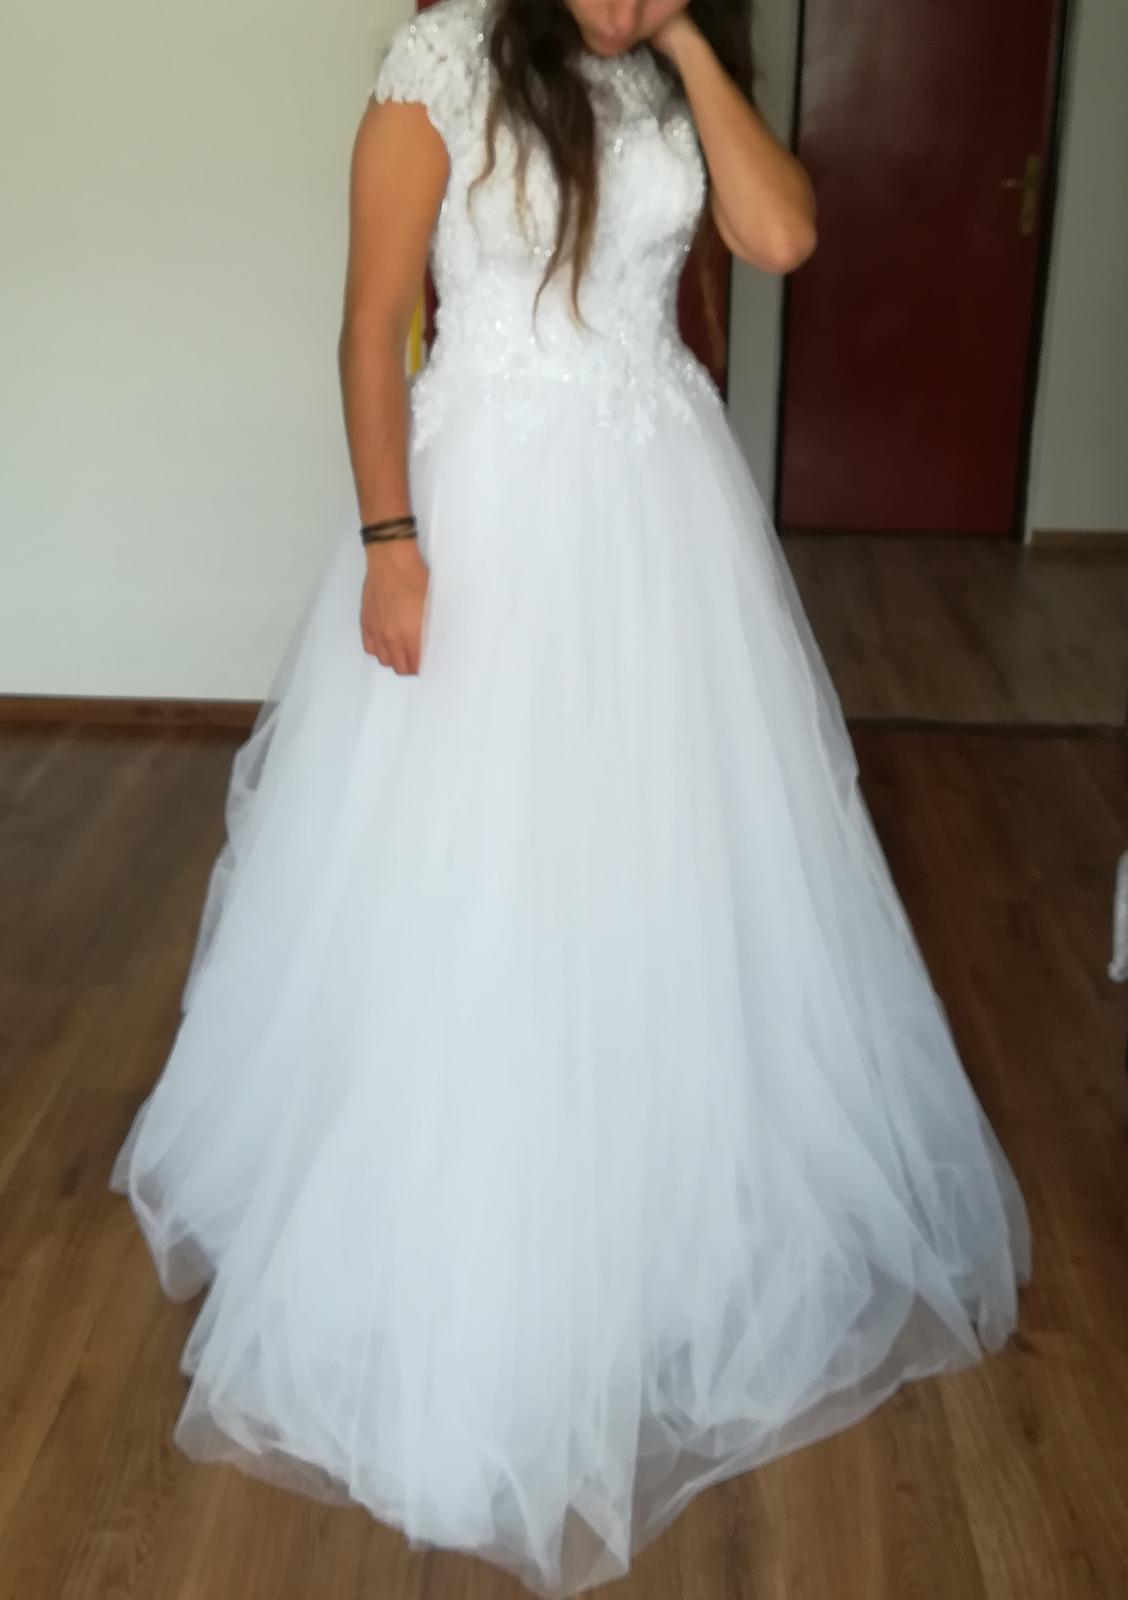 Biele svadobné šaty 38 - Obrázok č. 1